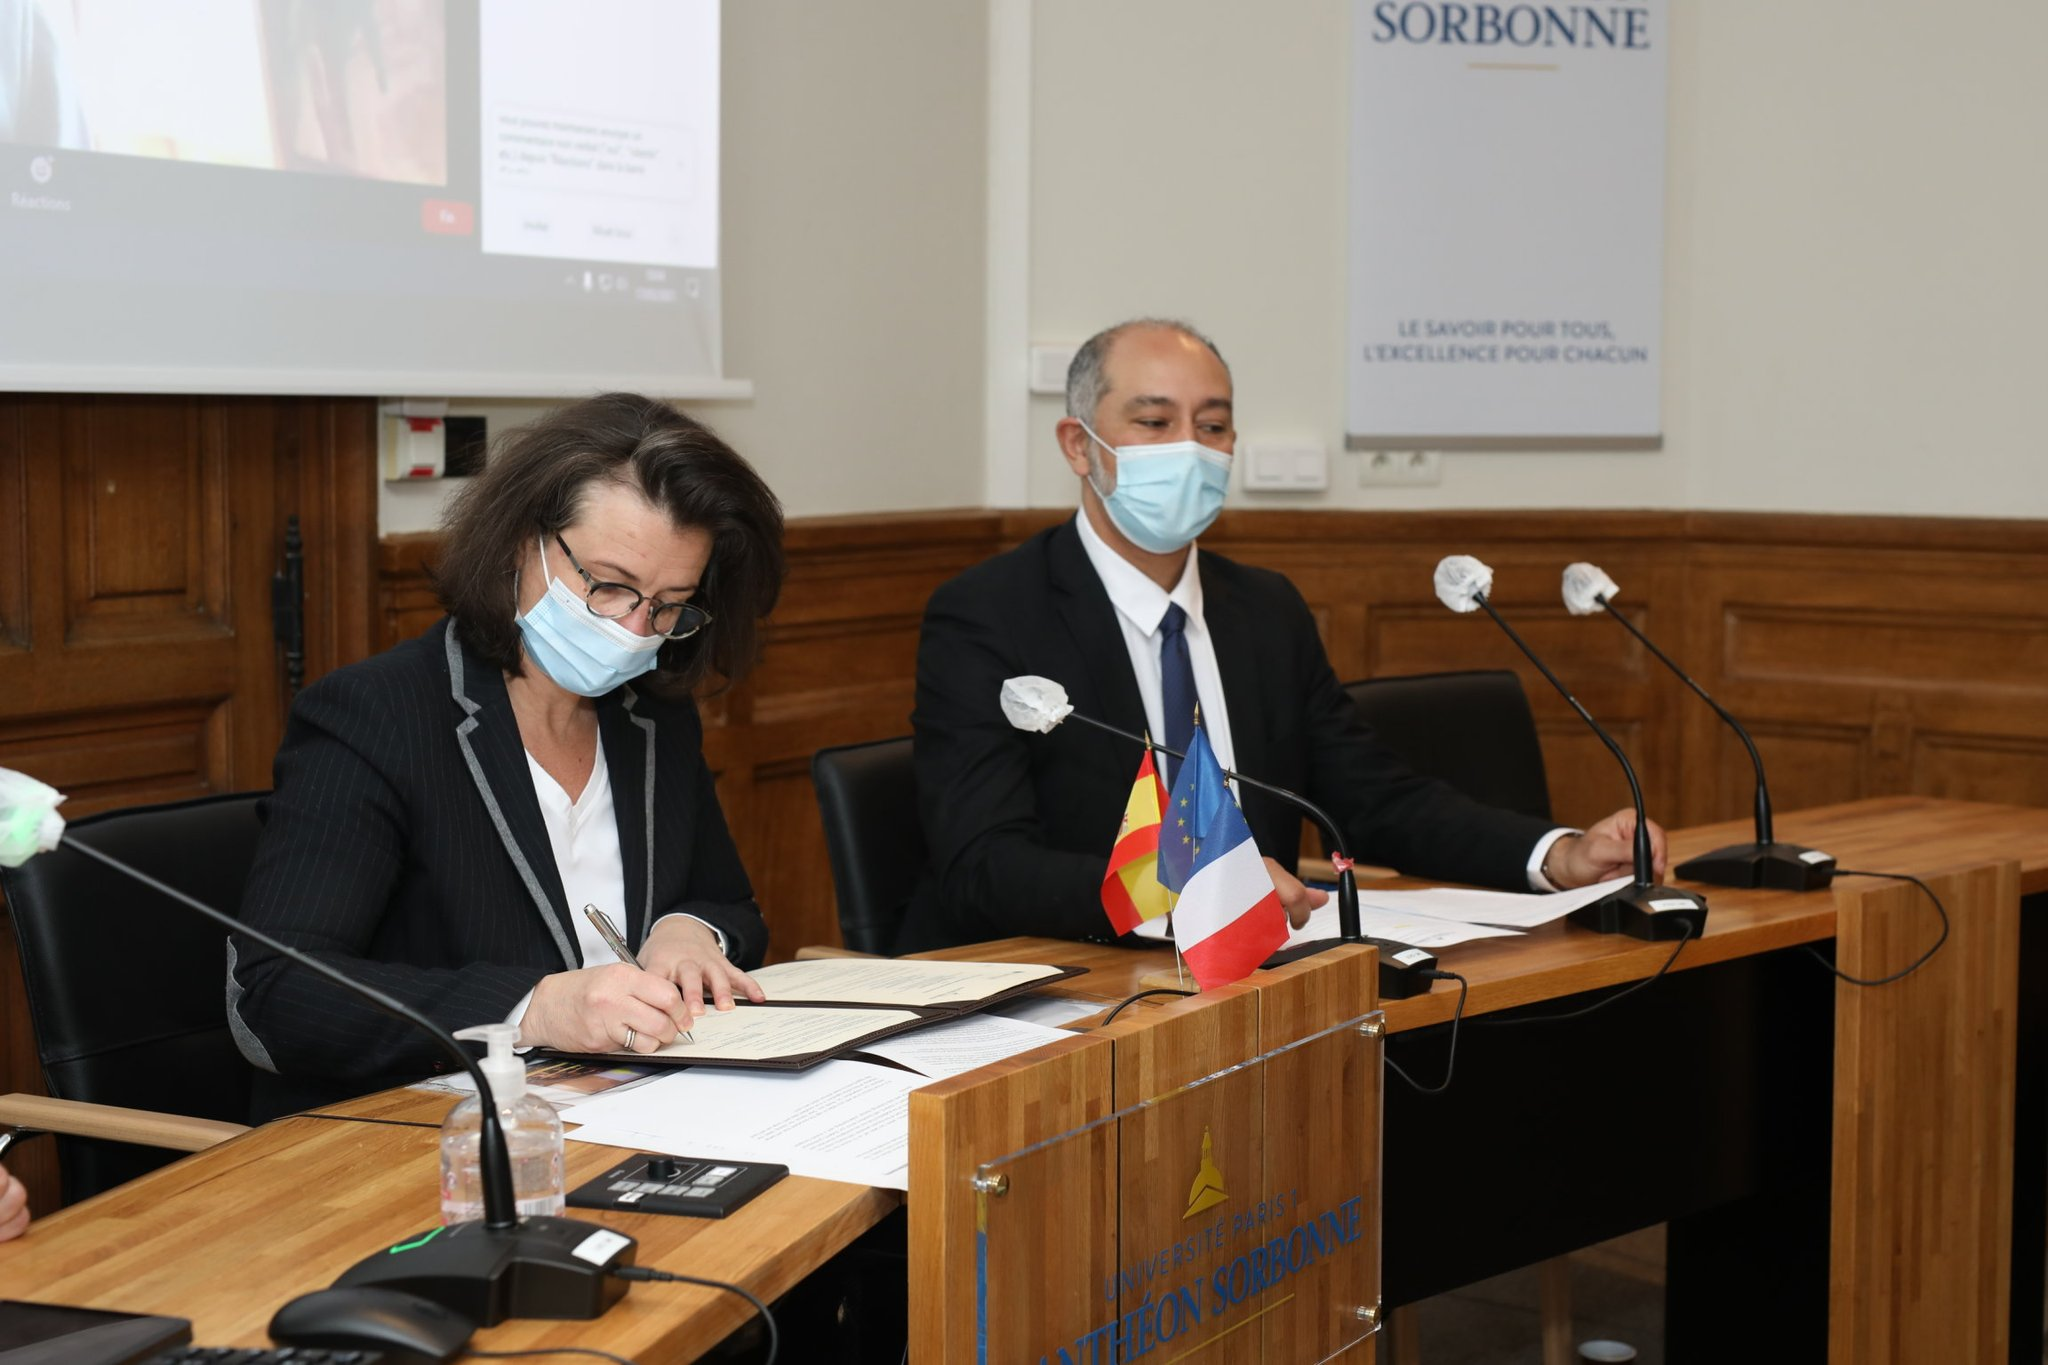 La presidenta Christine Neau-Leduc, en el momento de la firma / Fotografía facilitada por la Universidad Paris I Panthéon-Sorbonne